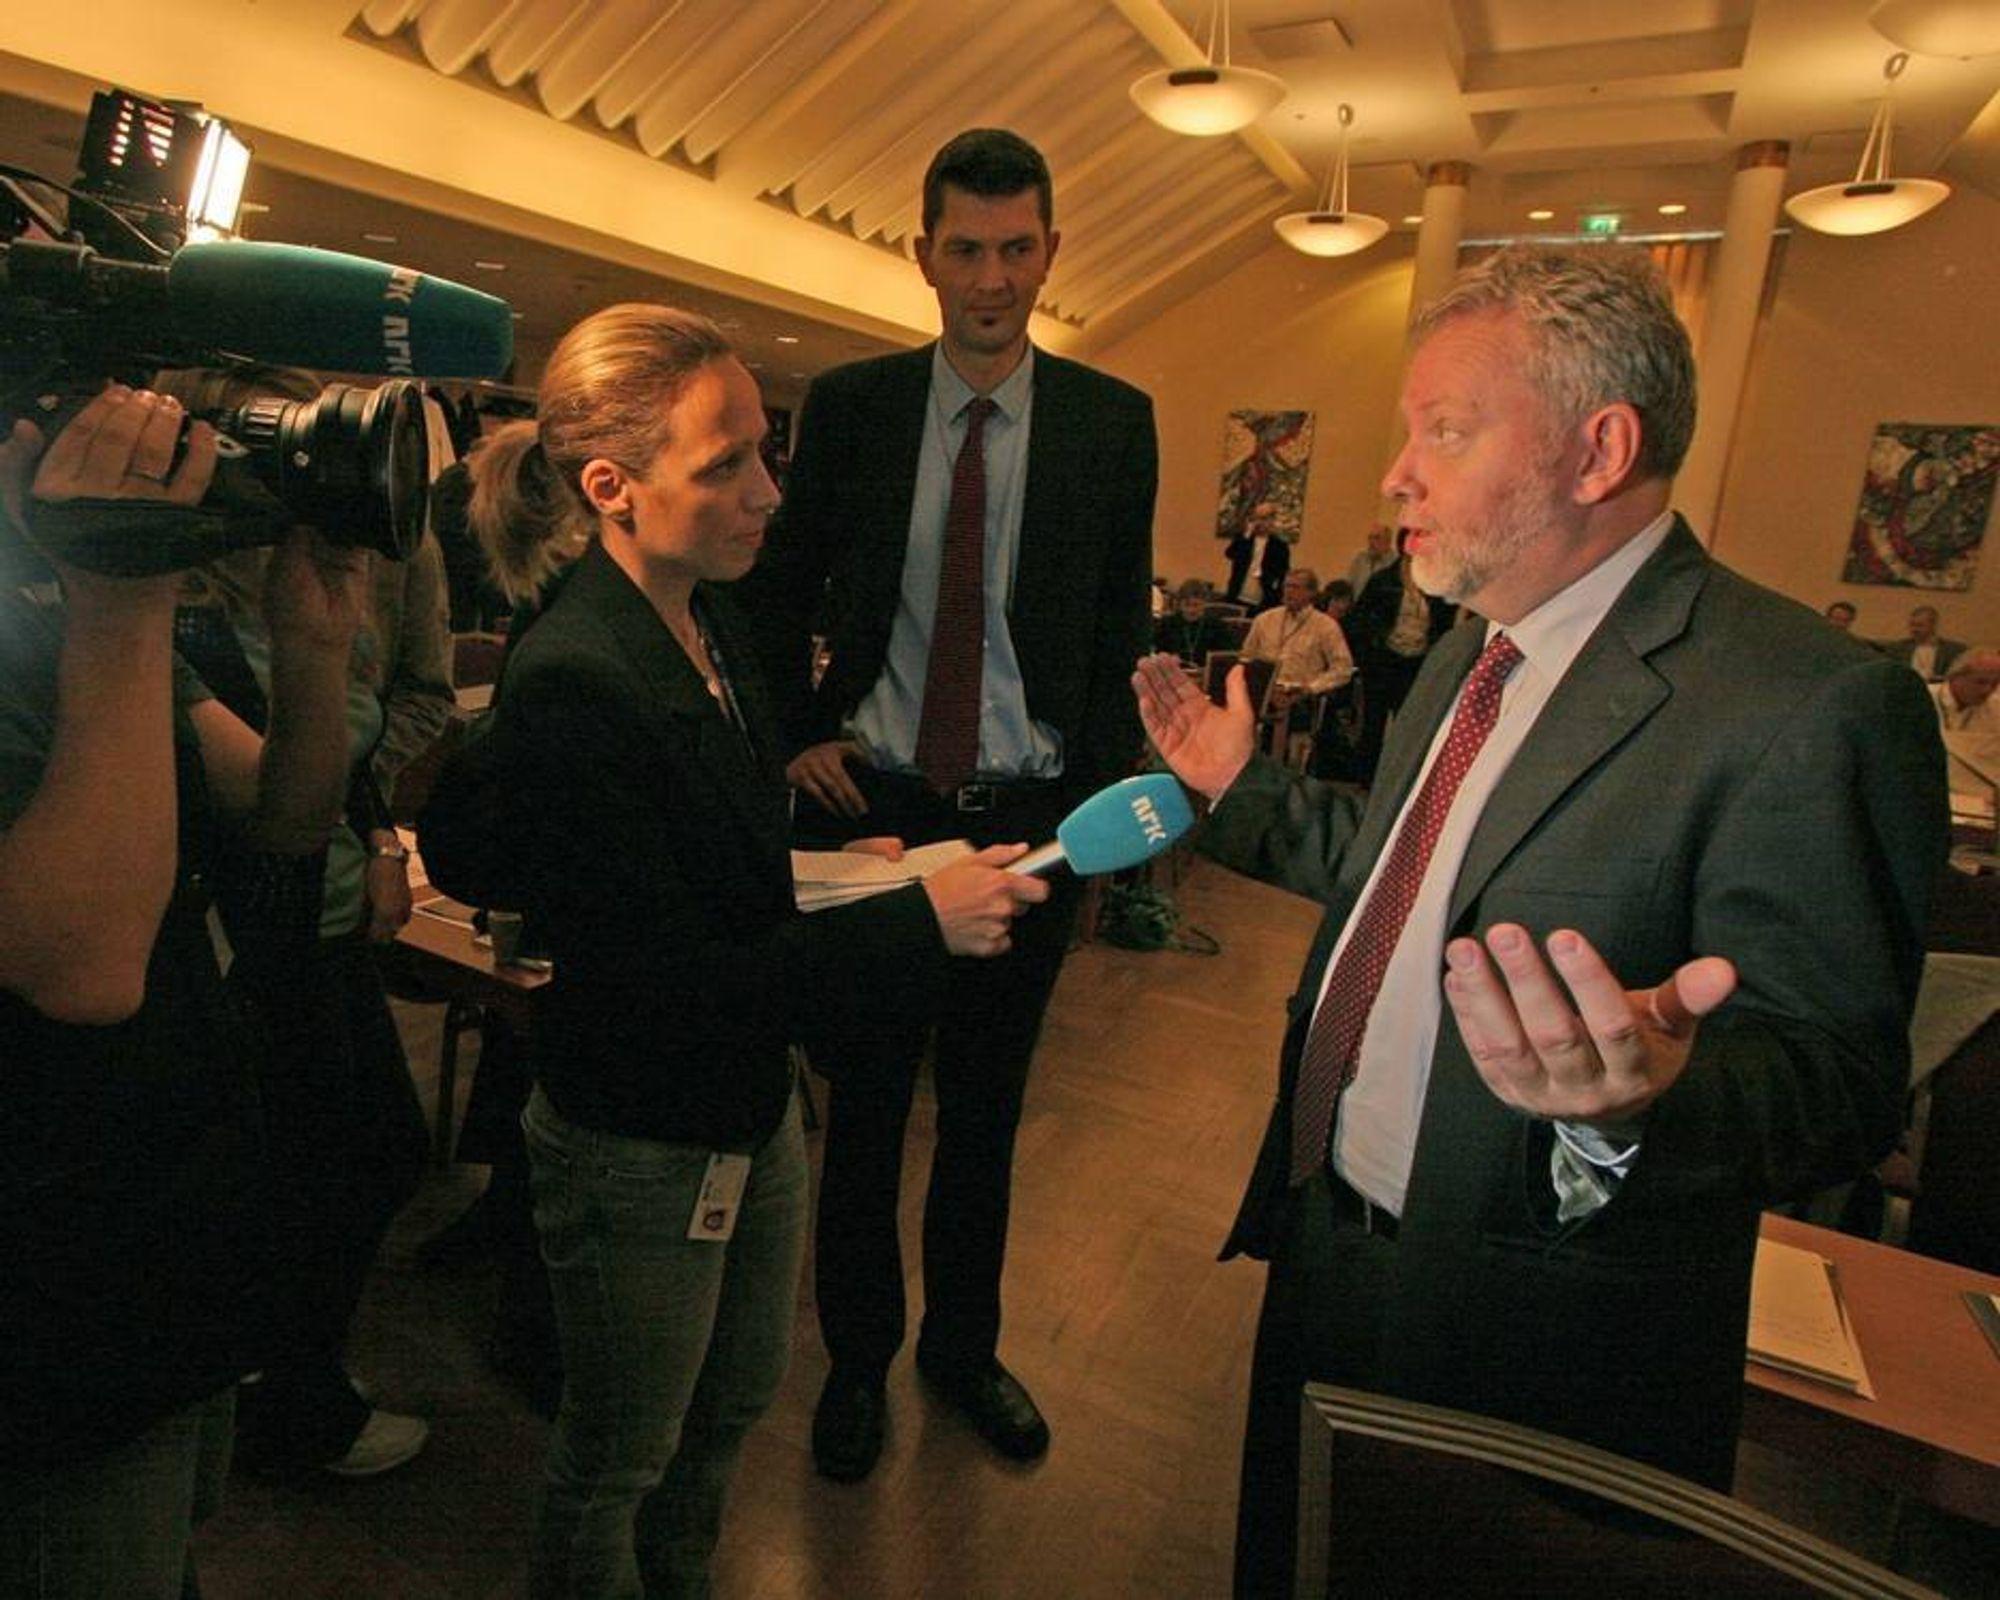 INGEN KOMMENTAR: Overvåkningssjef Jørn Holme vil at Politiets Sikkerhetstjeneste skal være mest mulig åpen, men han ville ikke utdype sine påstander til pressen etter å ha holdt foredrag under Næringslivets Sikkerhetskonferanse i dag.